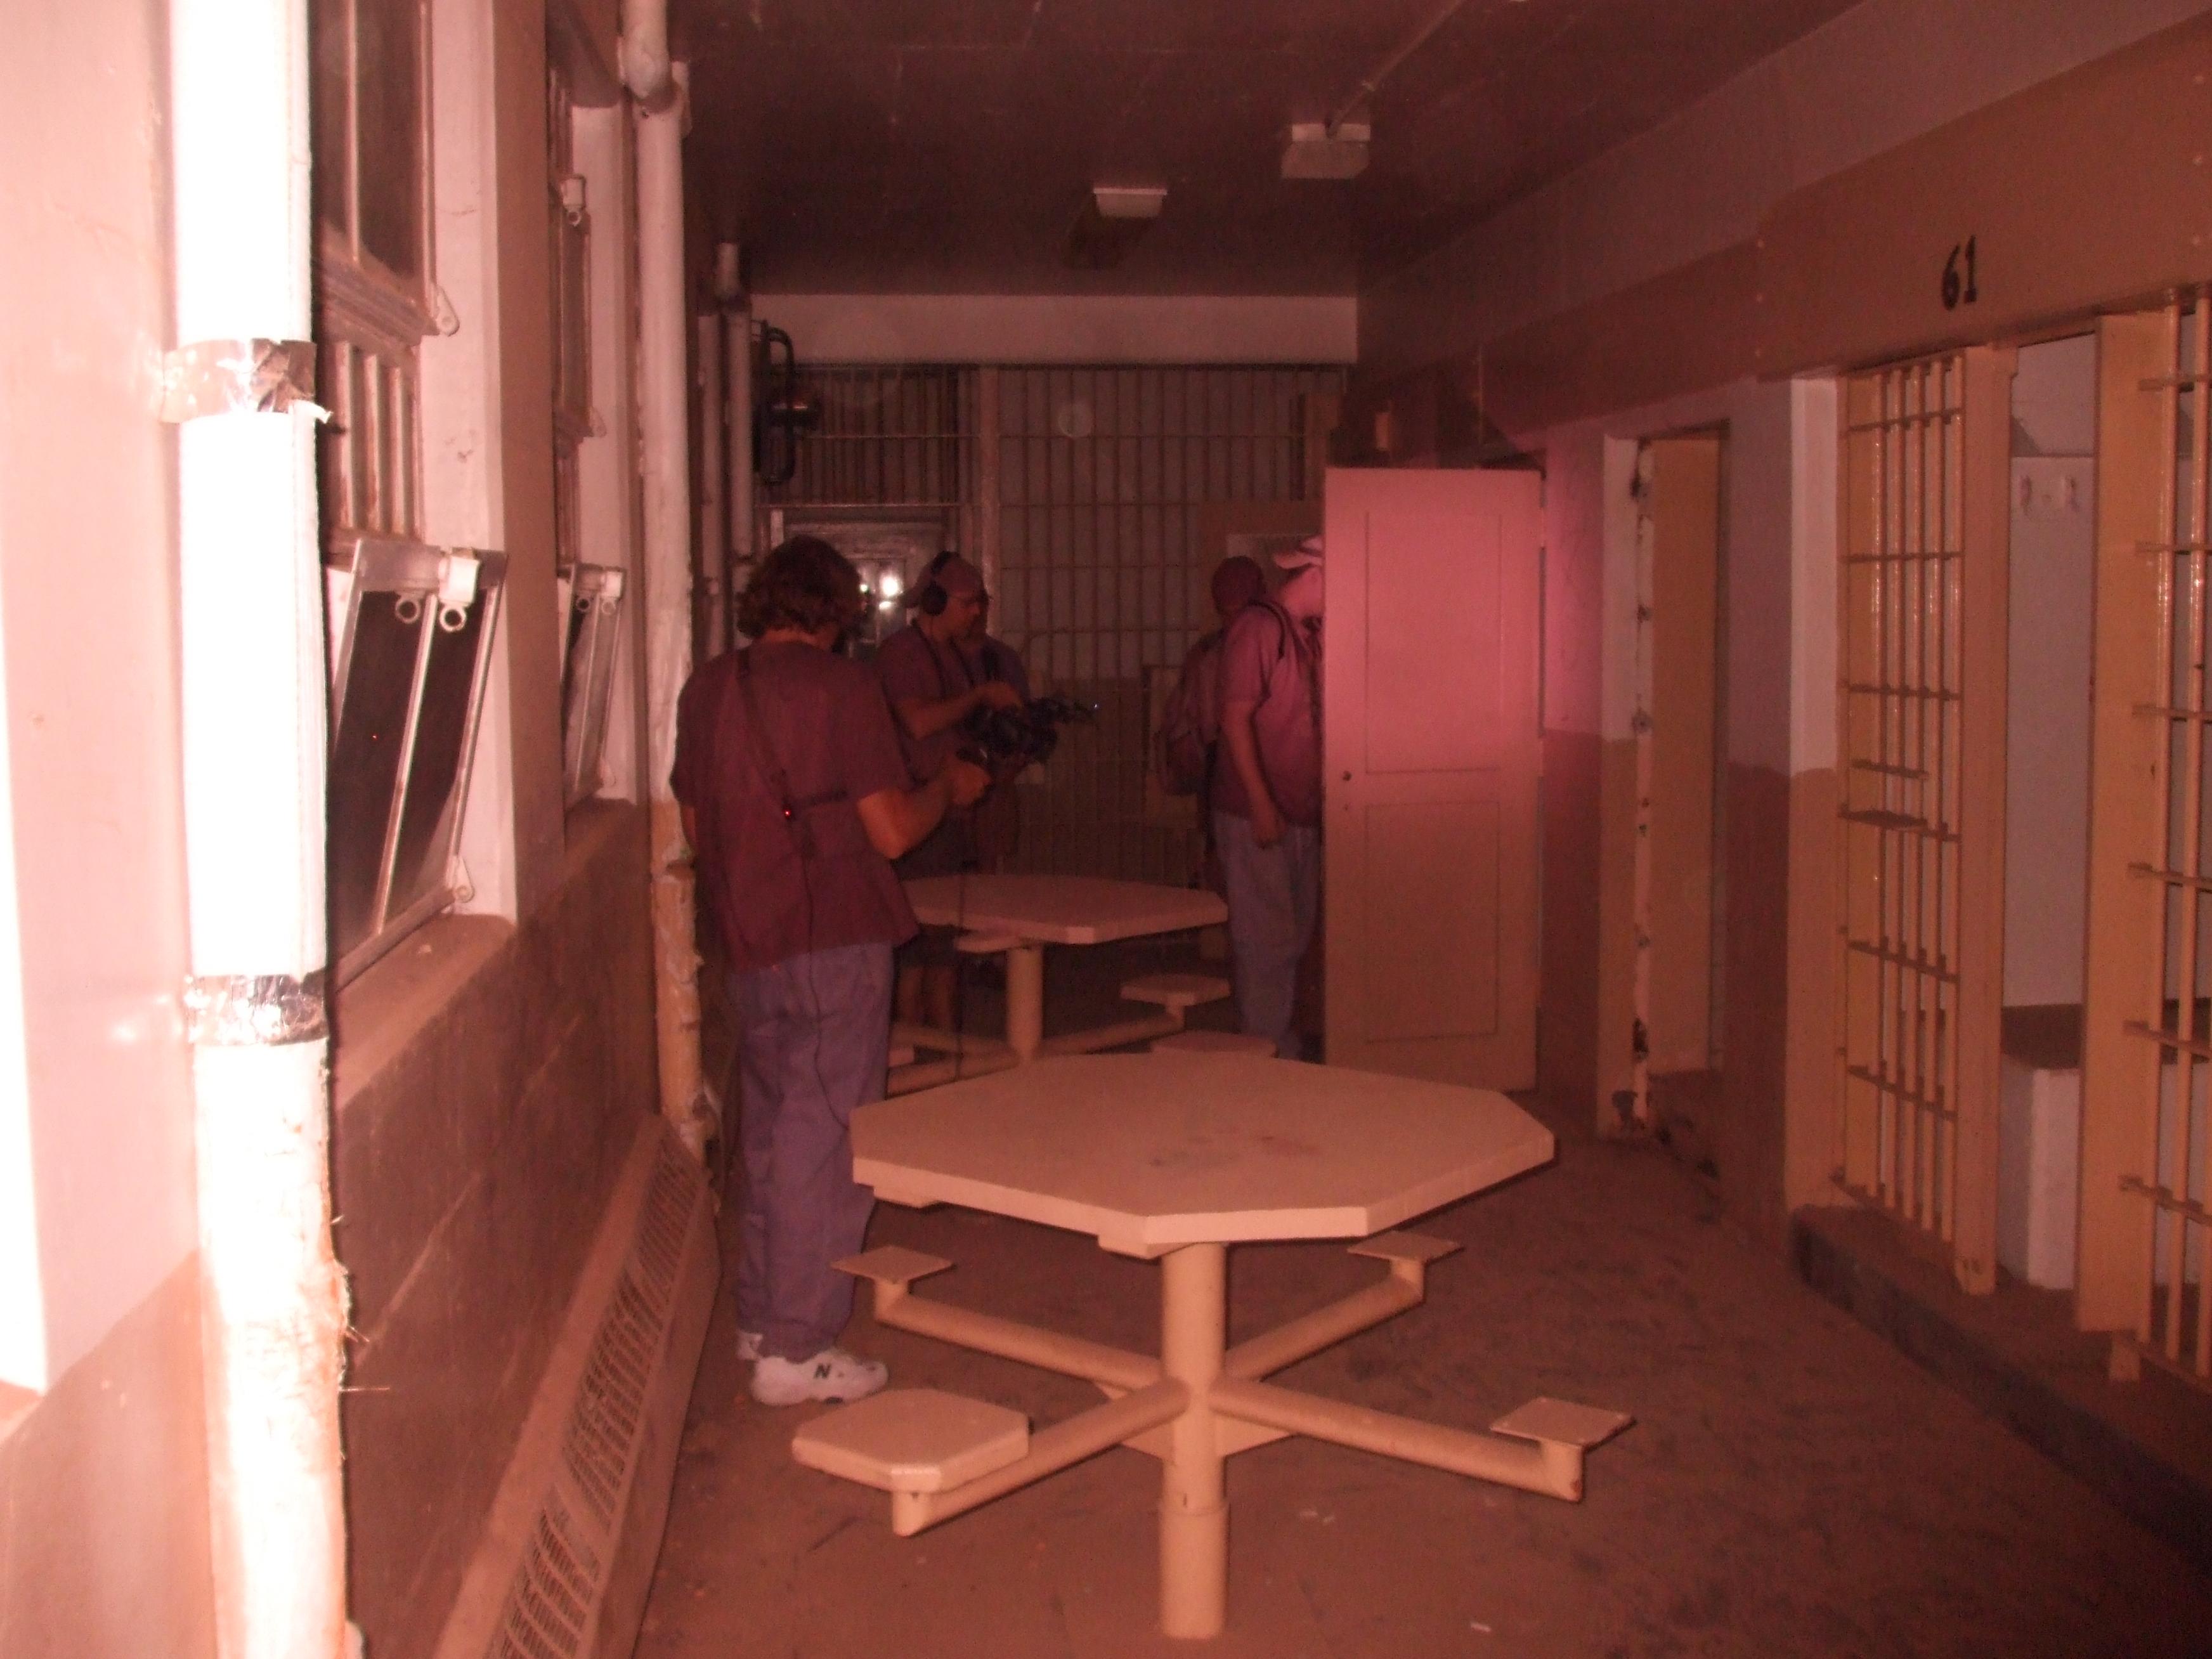 sante fe 1980 prison riot